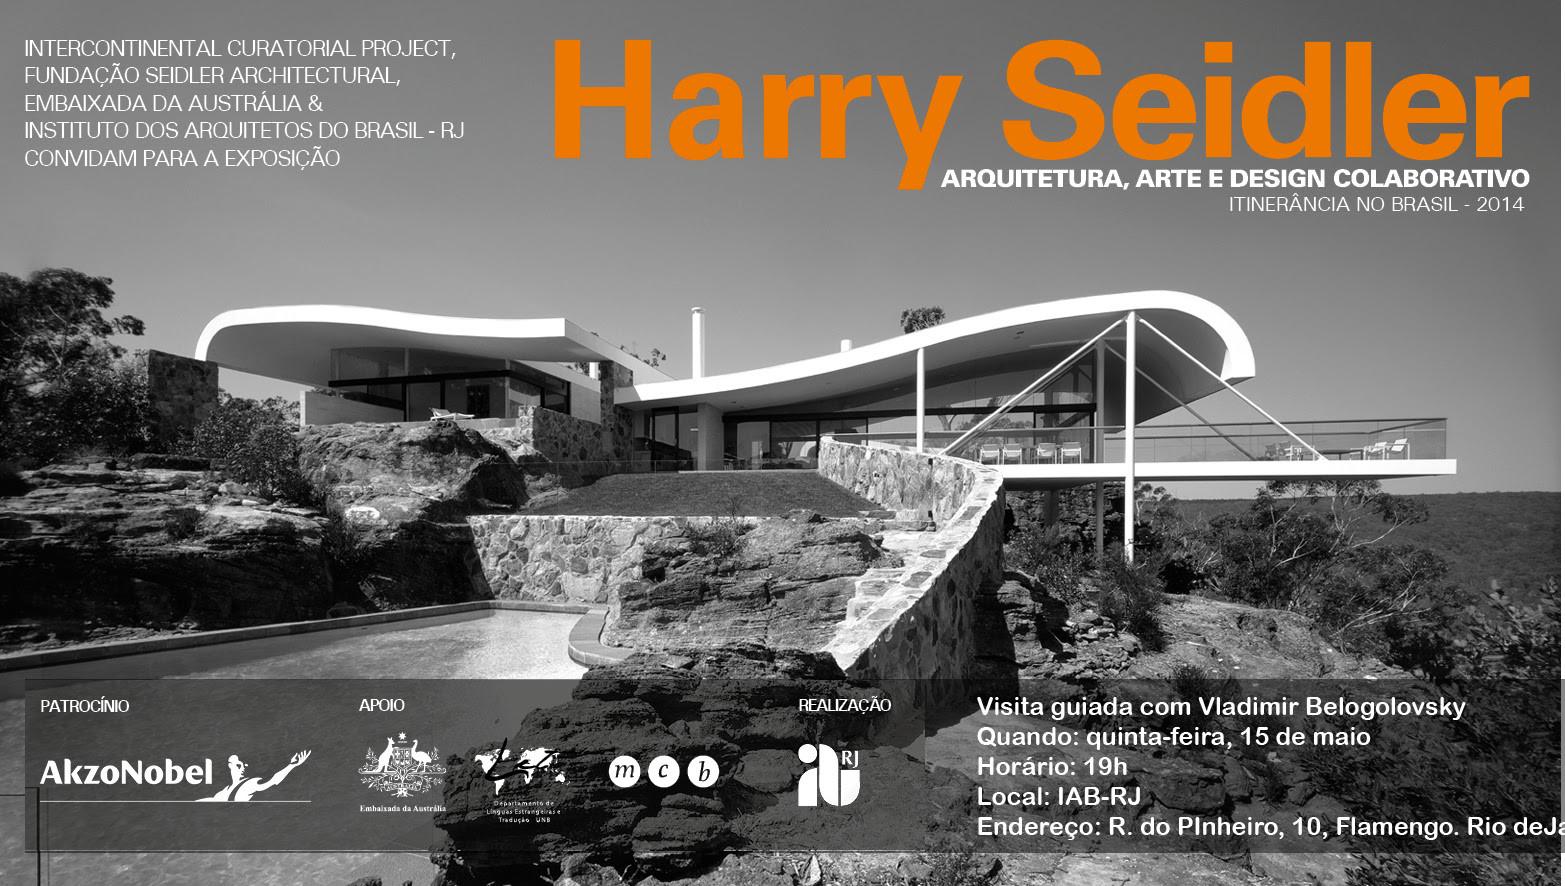 Exposição sobre Harry Seidler promove visita guiada, hoje na sede do IAB-RJ, Courtesy of IAB - RJ